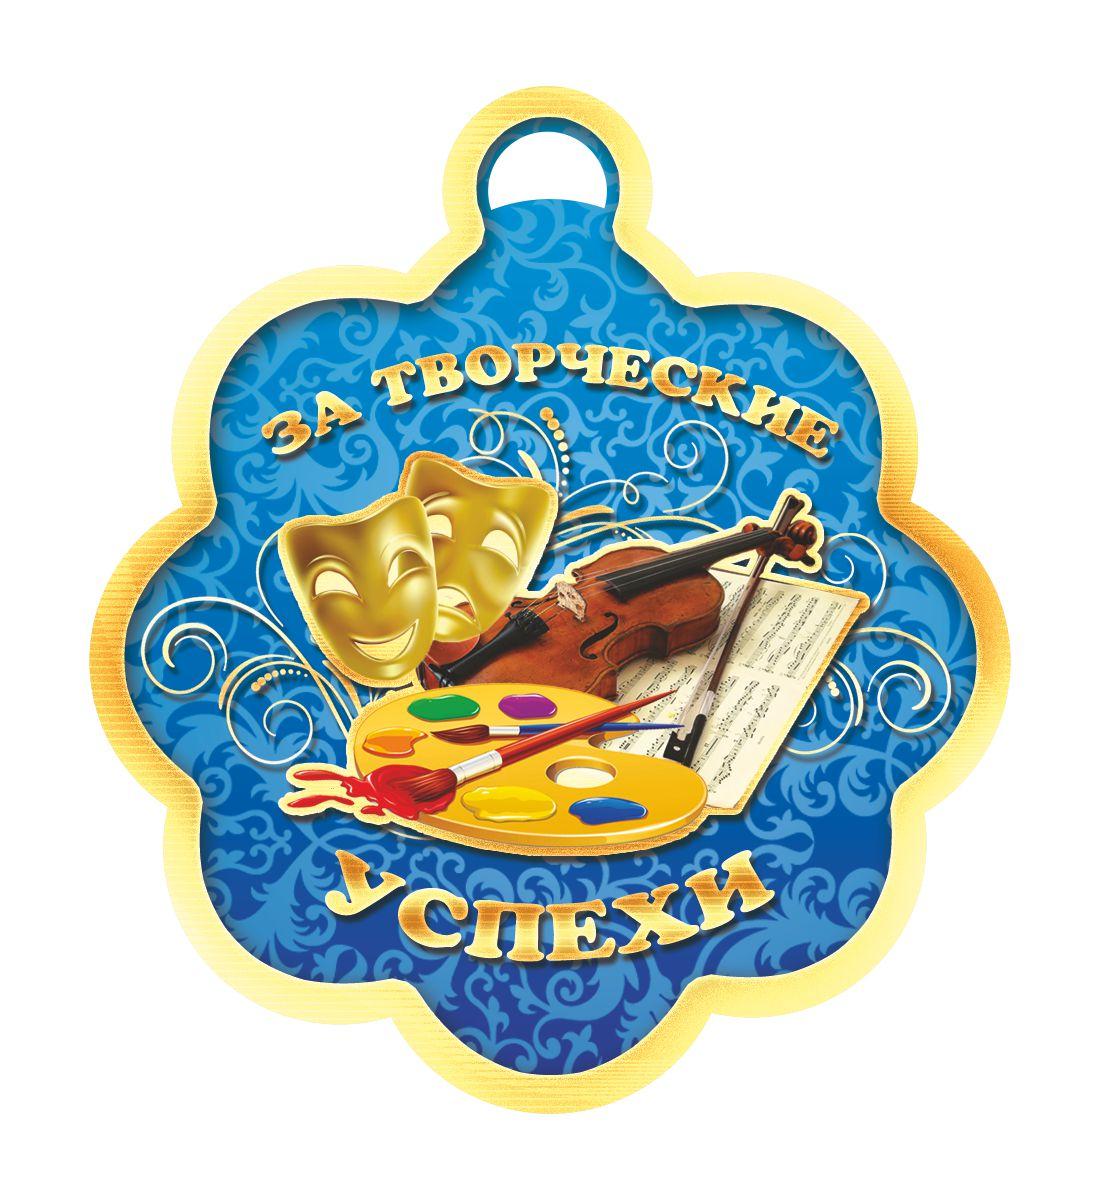 Открытка-медаль За творческие успехи1356Открыткой-медалью можно отметить и отличившегося школьника, и лучшего работника, и победителя соревнования. Прекрасный выбор для создания атмосферы праздника.